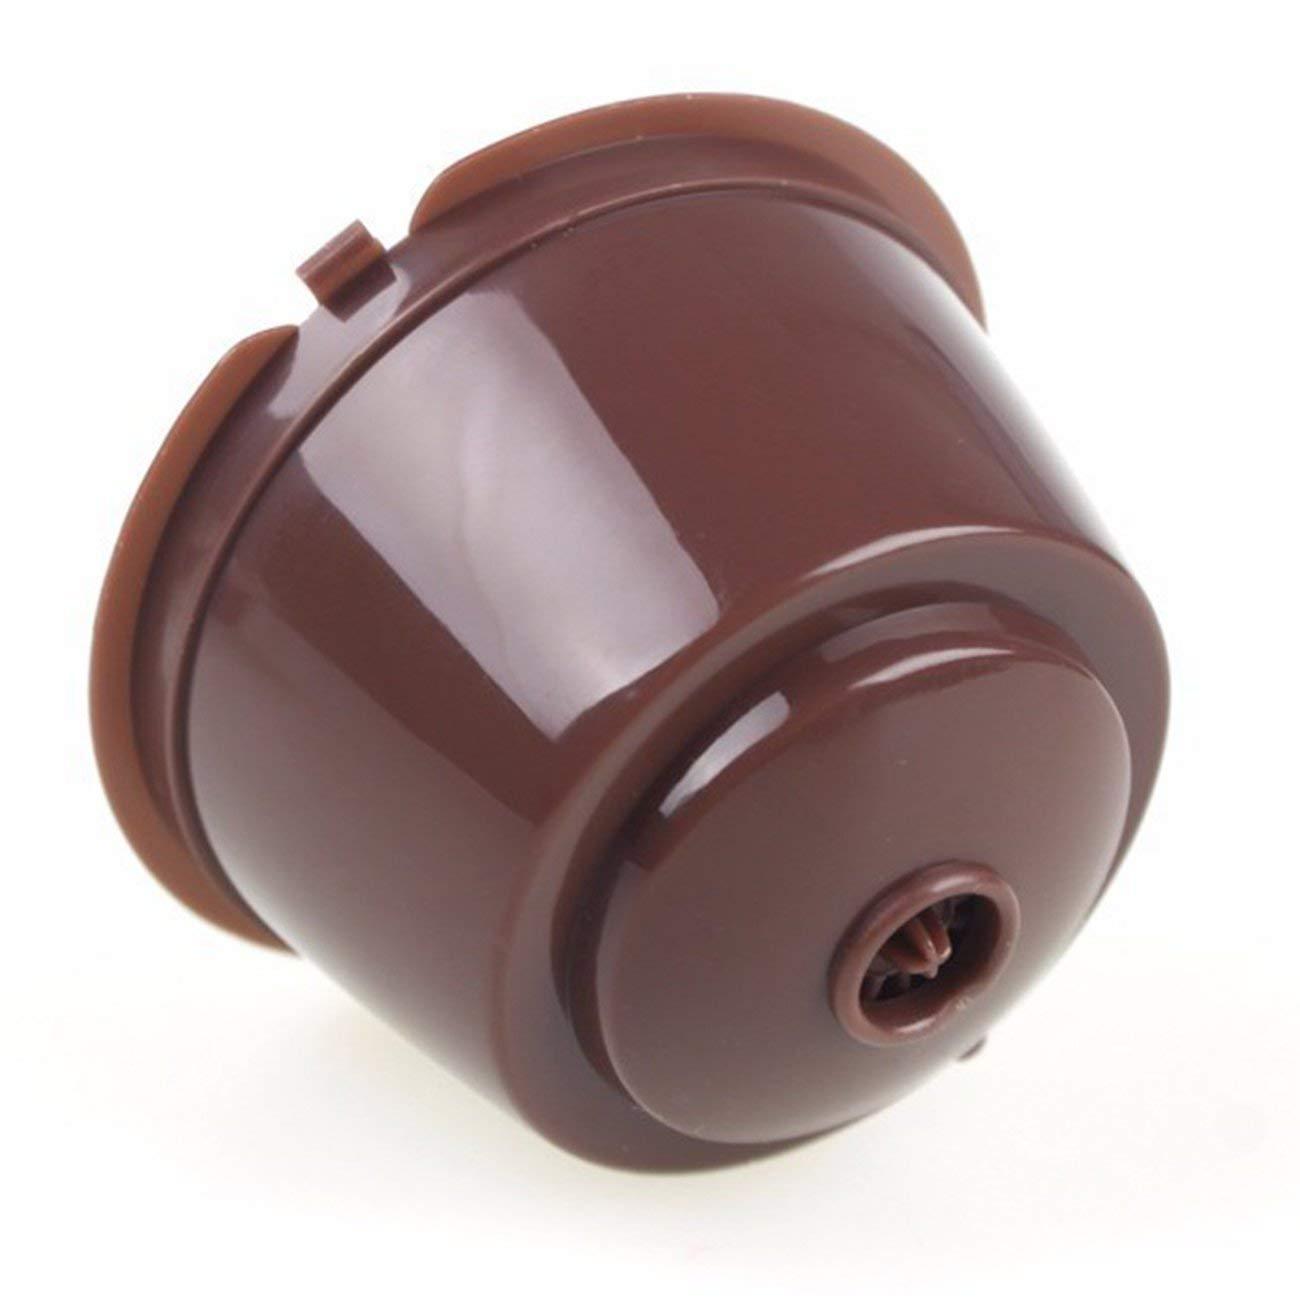 Marr/ón C/ápsulas de caf/é rellenas port/átiles C/ápsula de Filtro de caf/é C/ápsula de Filtro Caja de Filtro para Dolce Gusto para Nestl/é